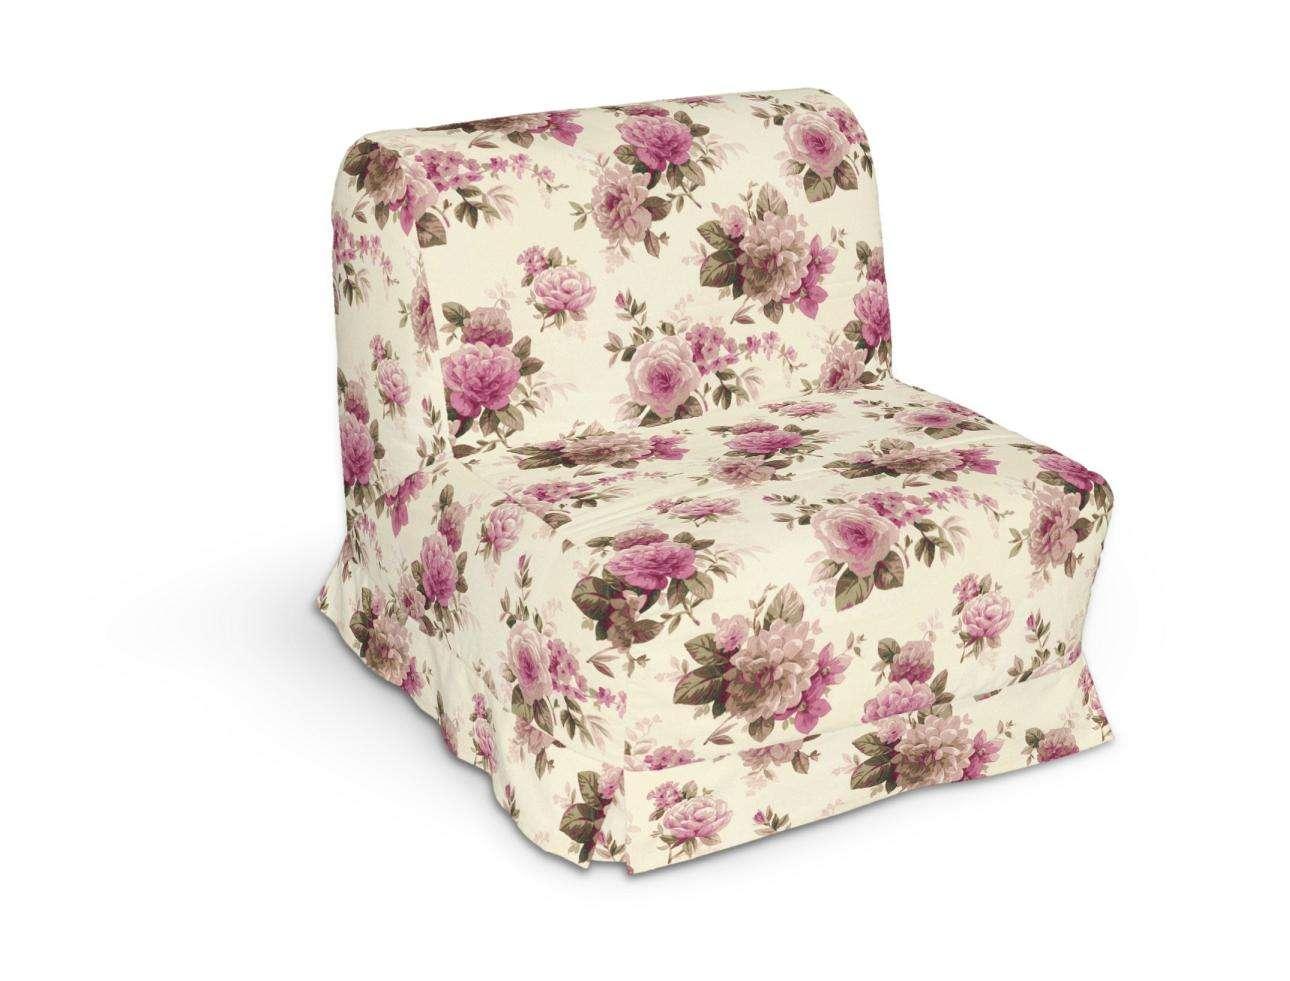 Pokrowiec na fotel Lycksele z kontrafałdami sofa Lycksele 1os. w kolekcji Mirella, tkanina: 141-07